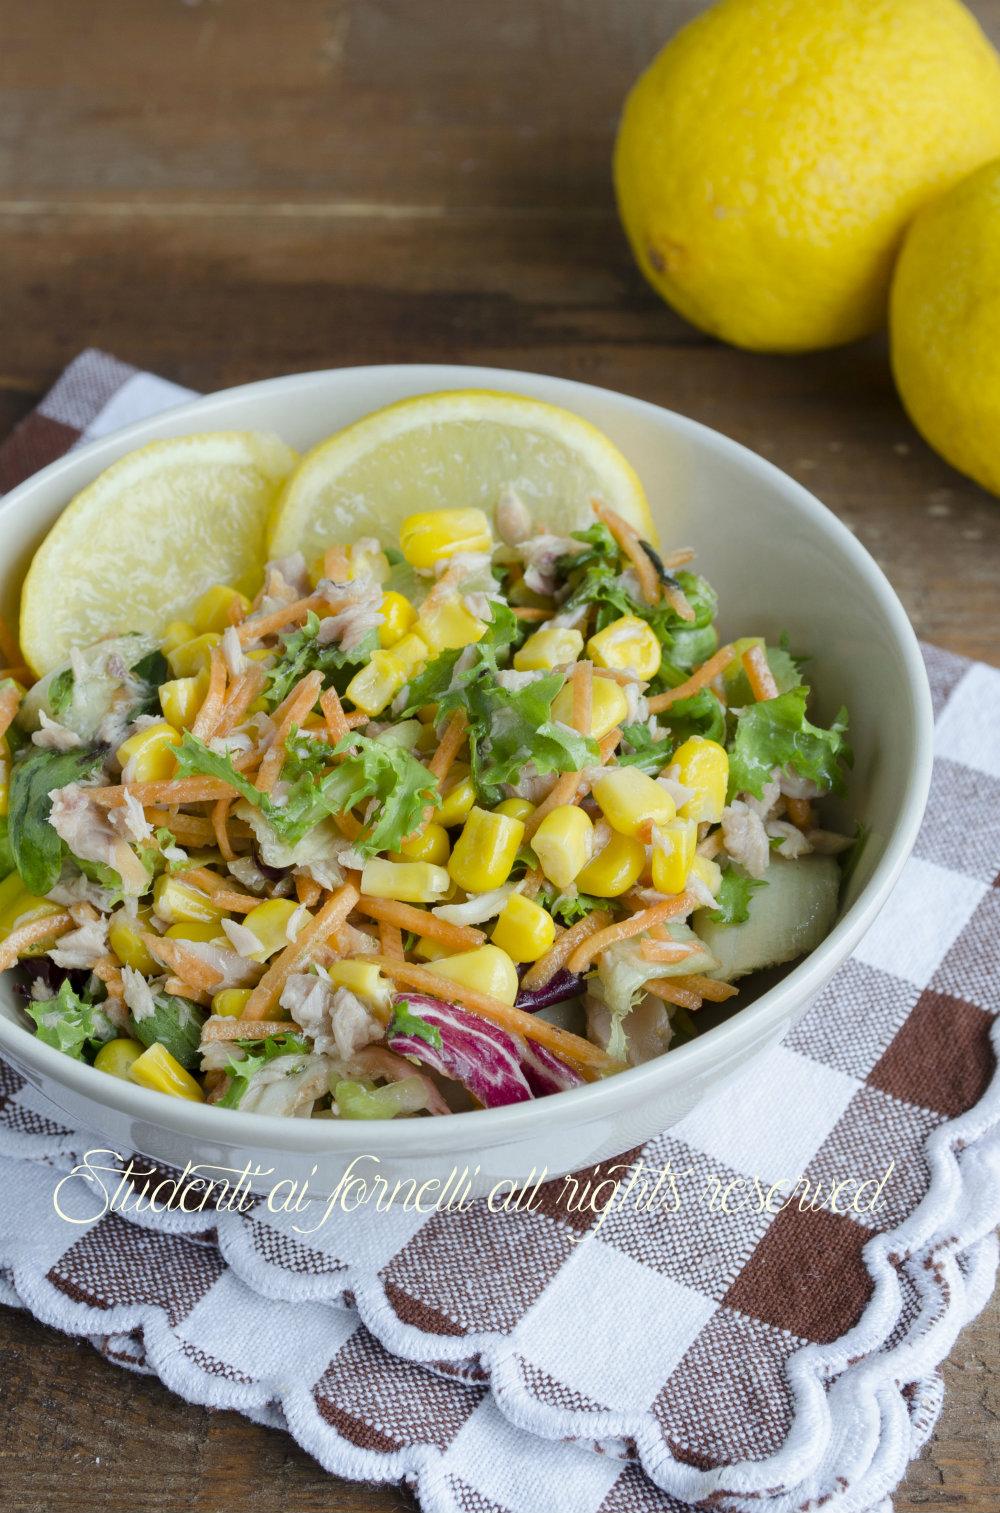 insalatona con tonno e mais al limone ricetta insalata fresca estiva